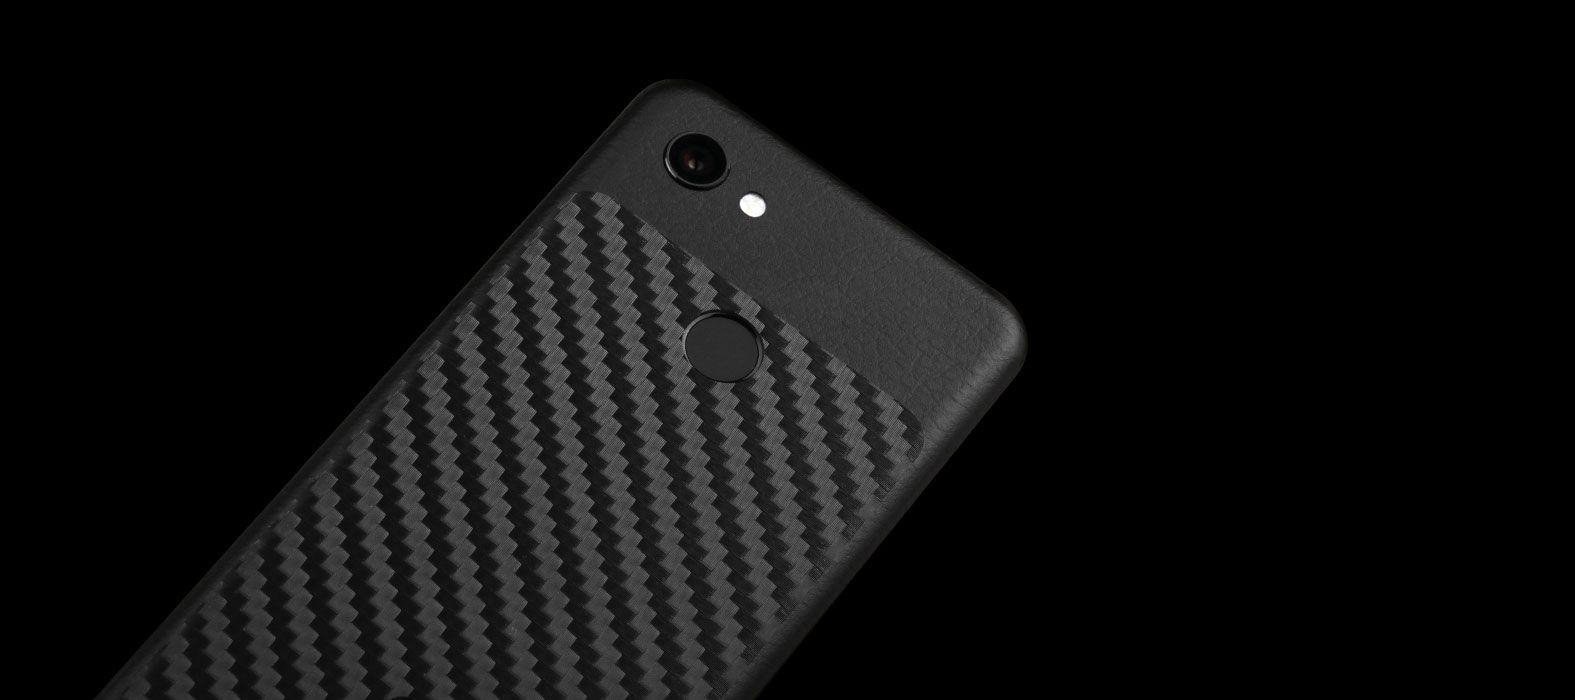 Pixel-3aXL-Carbon-fiber-skins